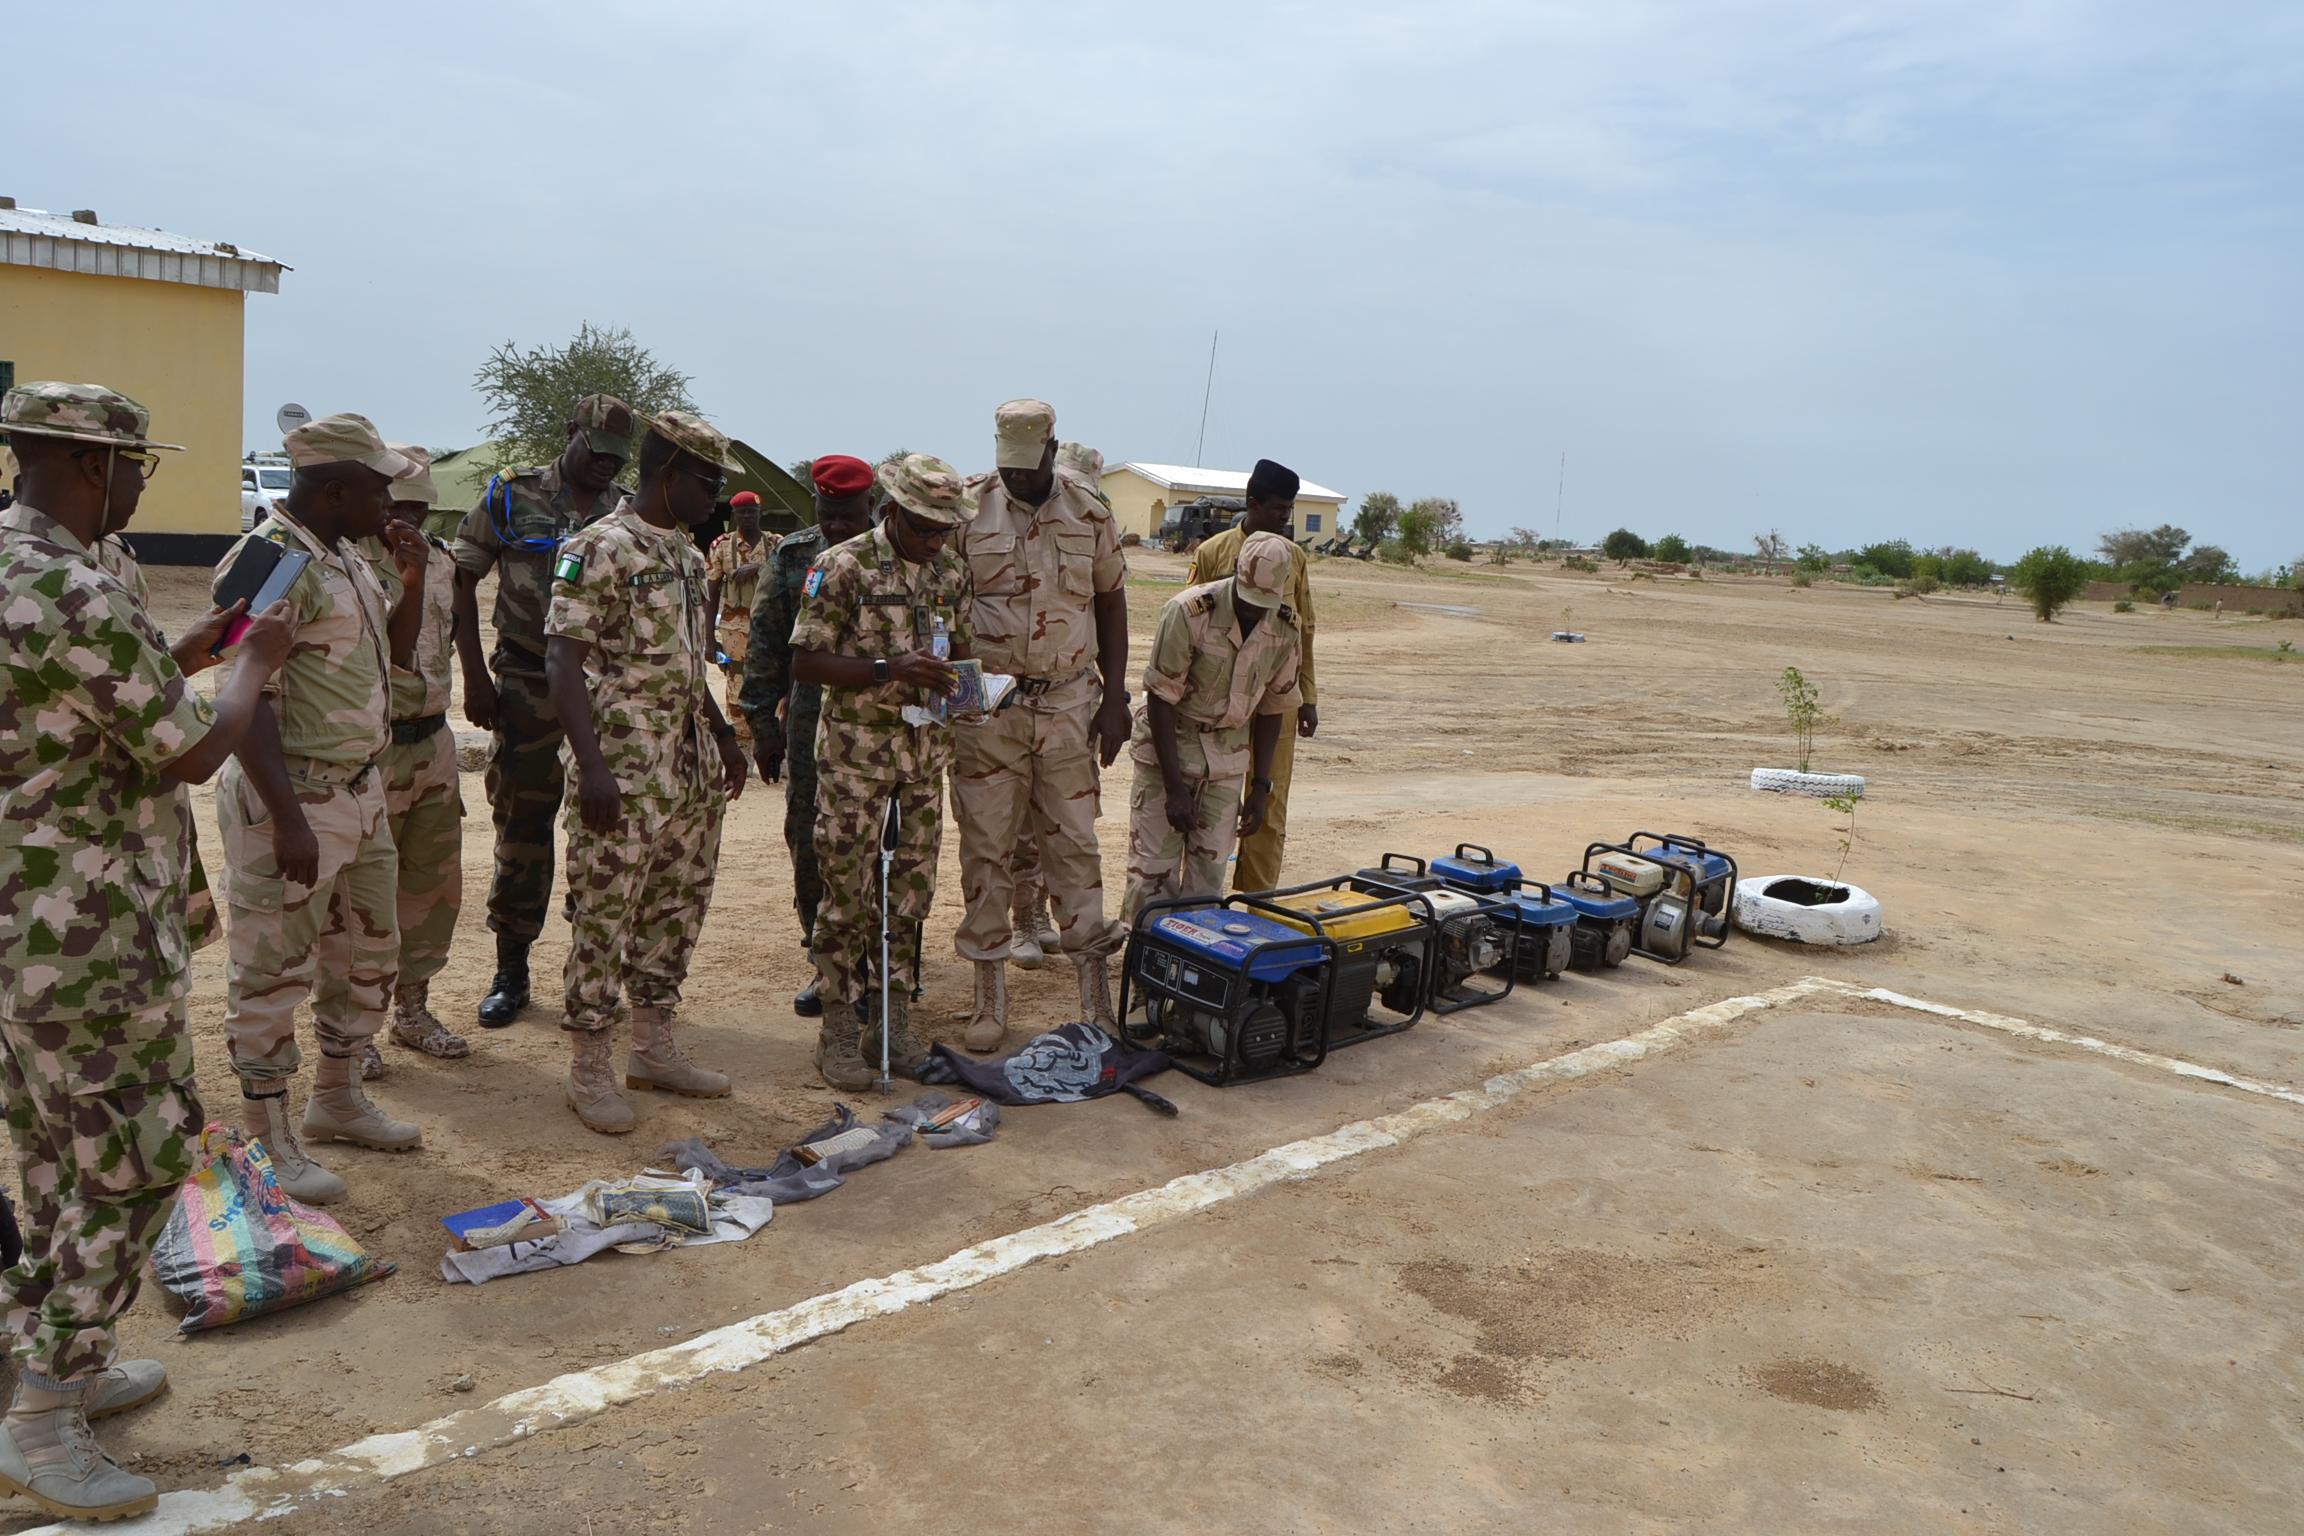 Des officiers tchadiens et nigérians de la zone de défense n°1 de la force mixte multinationale de lutte contre Boko Haram, Lac Tchad. Alwihda Info